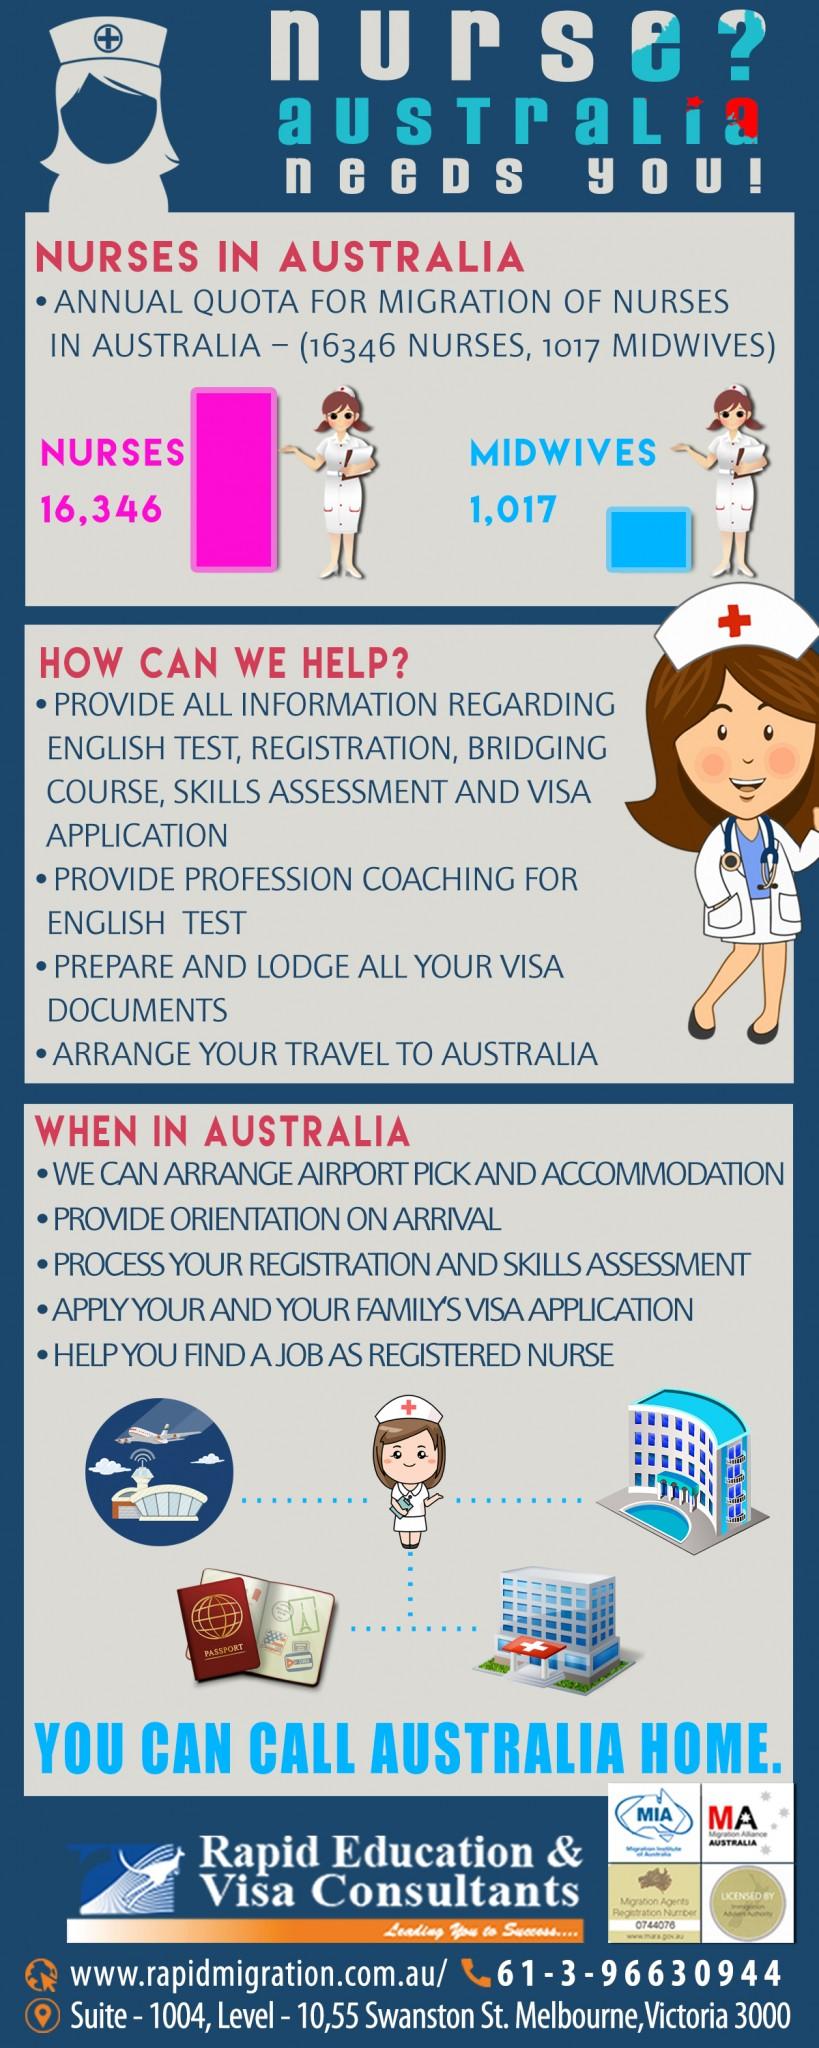 Nurse migrate to Australia